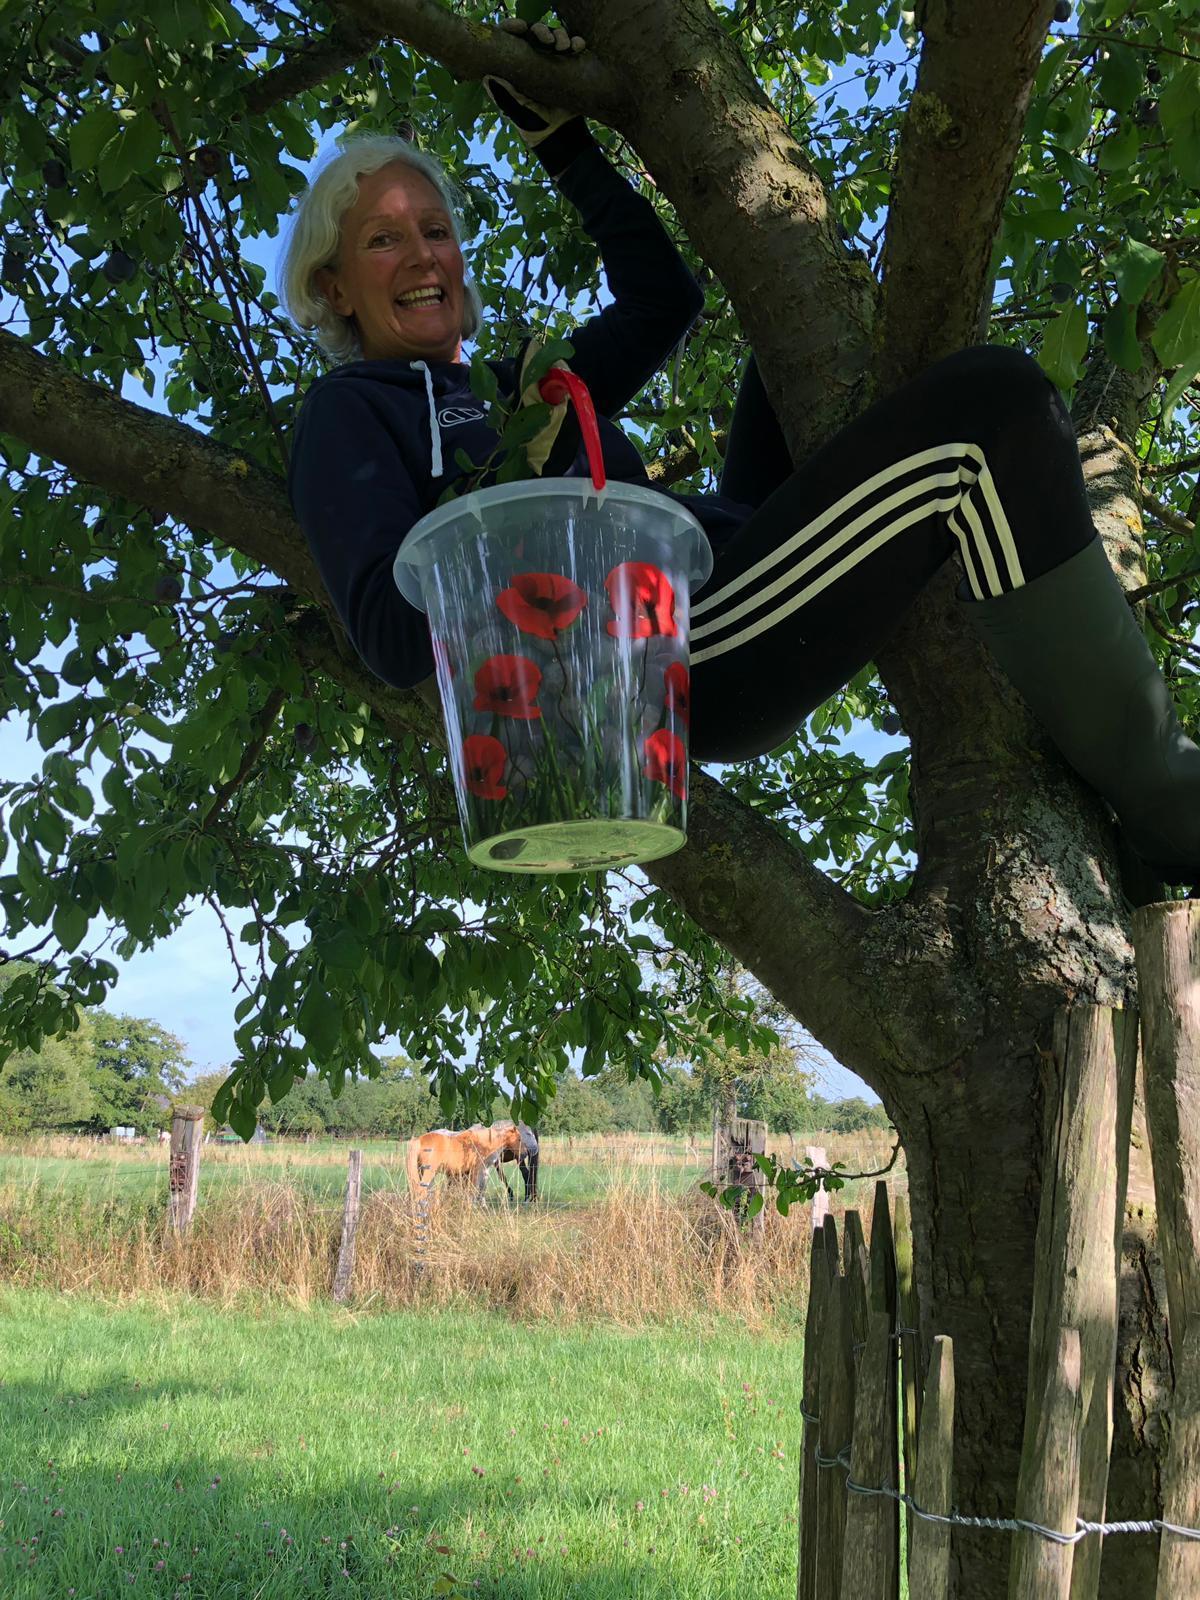 Elke klettert in den Pflaumenbaum. Foto: Elke Schönartz